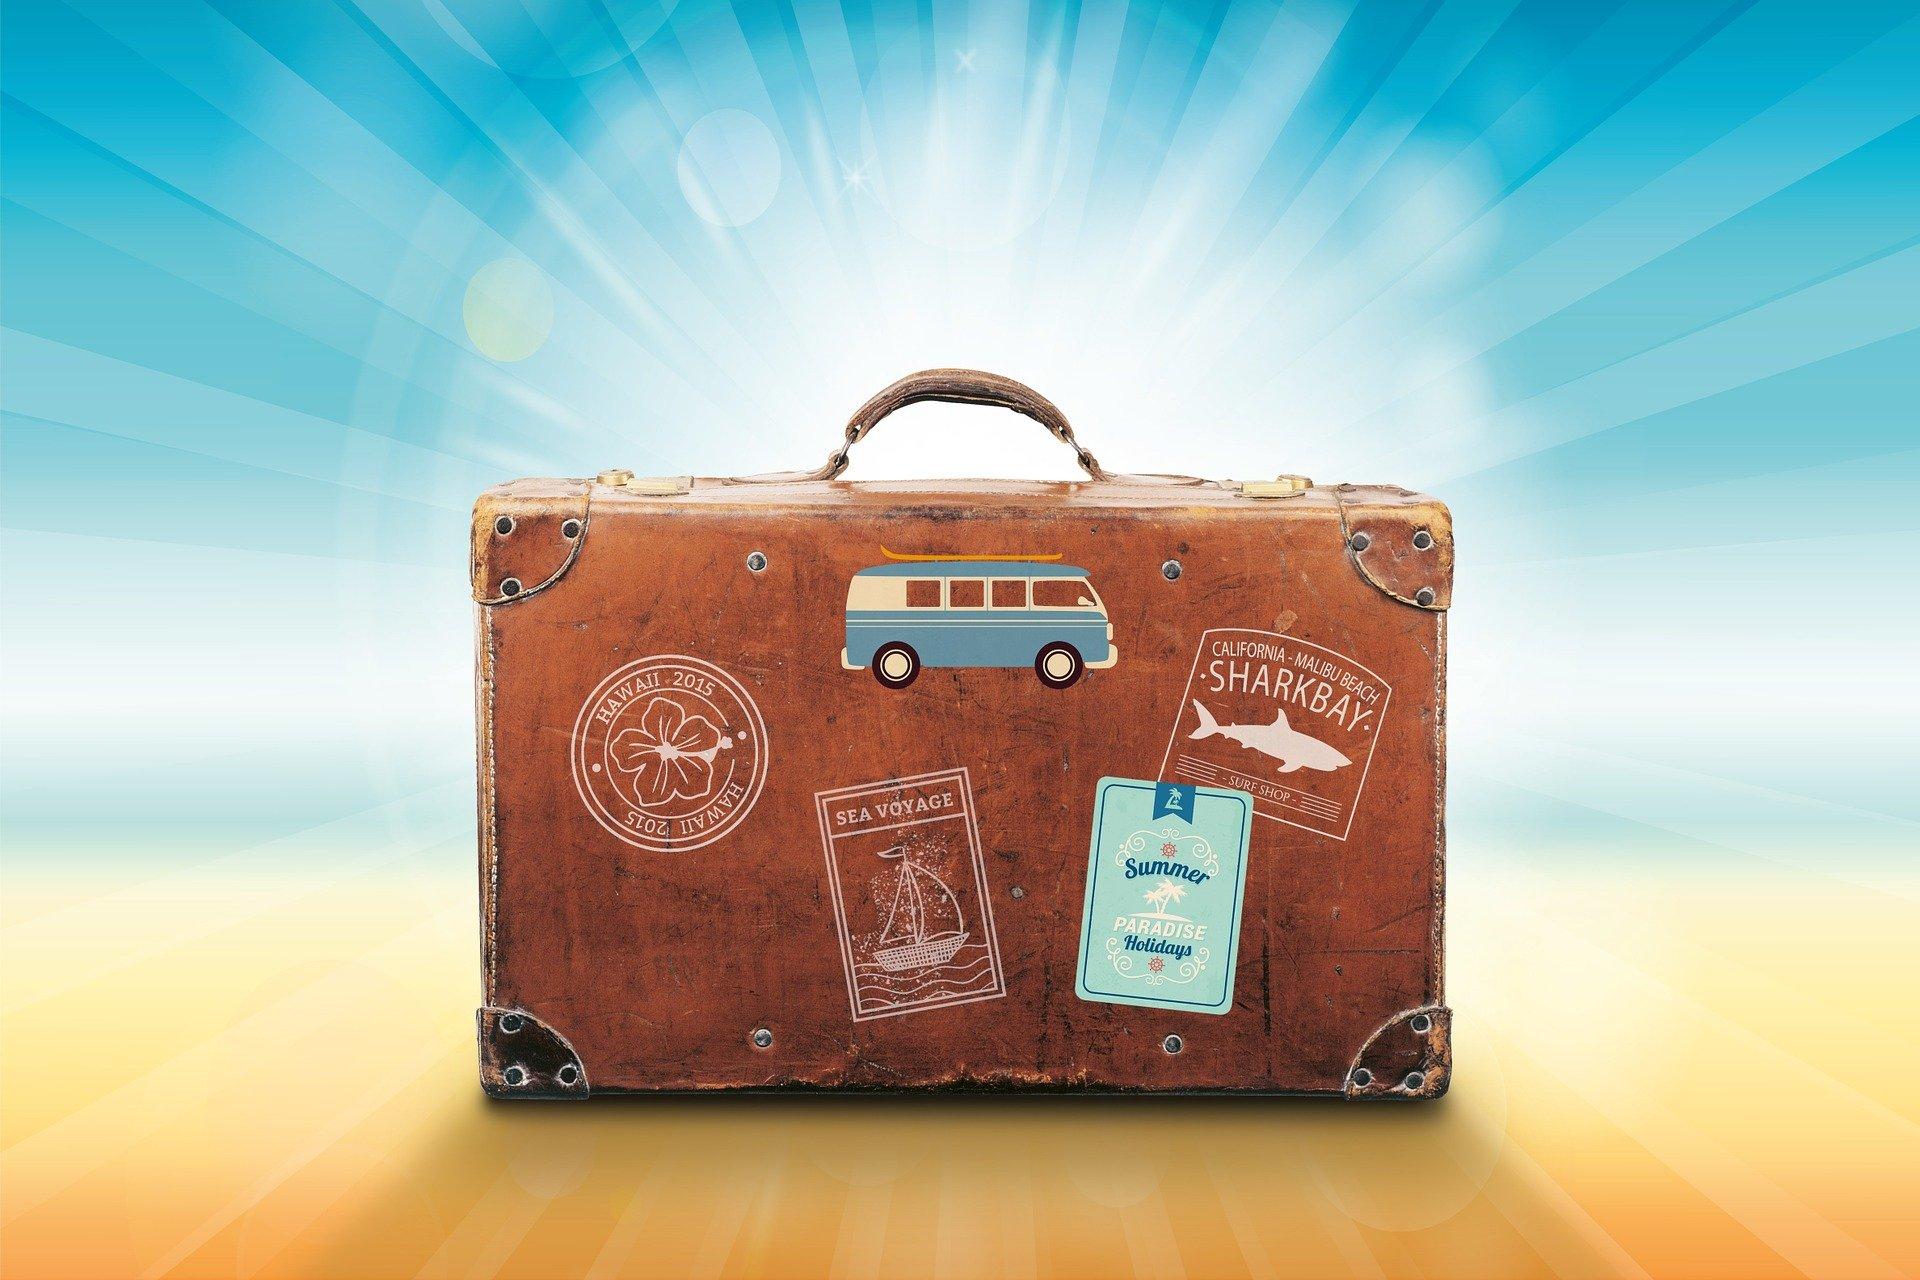 Ločenci in koriščenje turističnih bonov